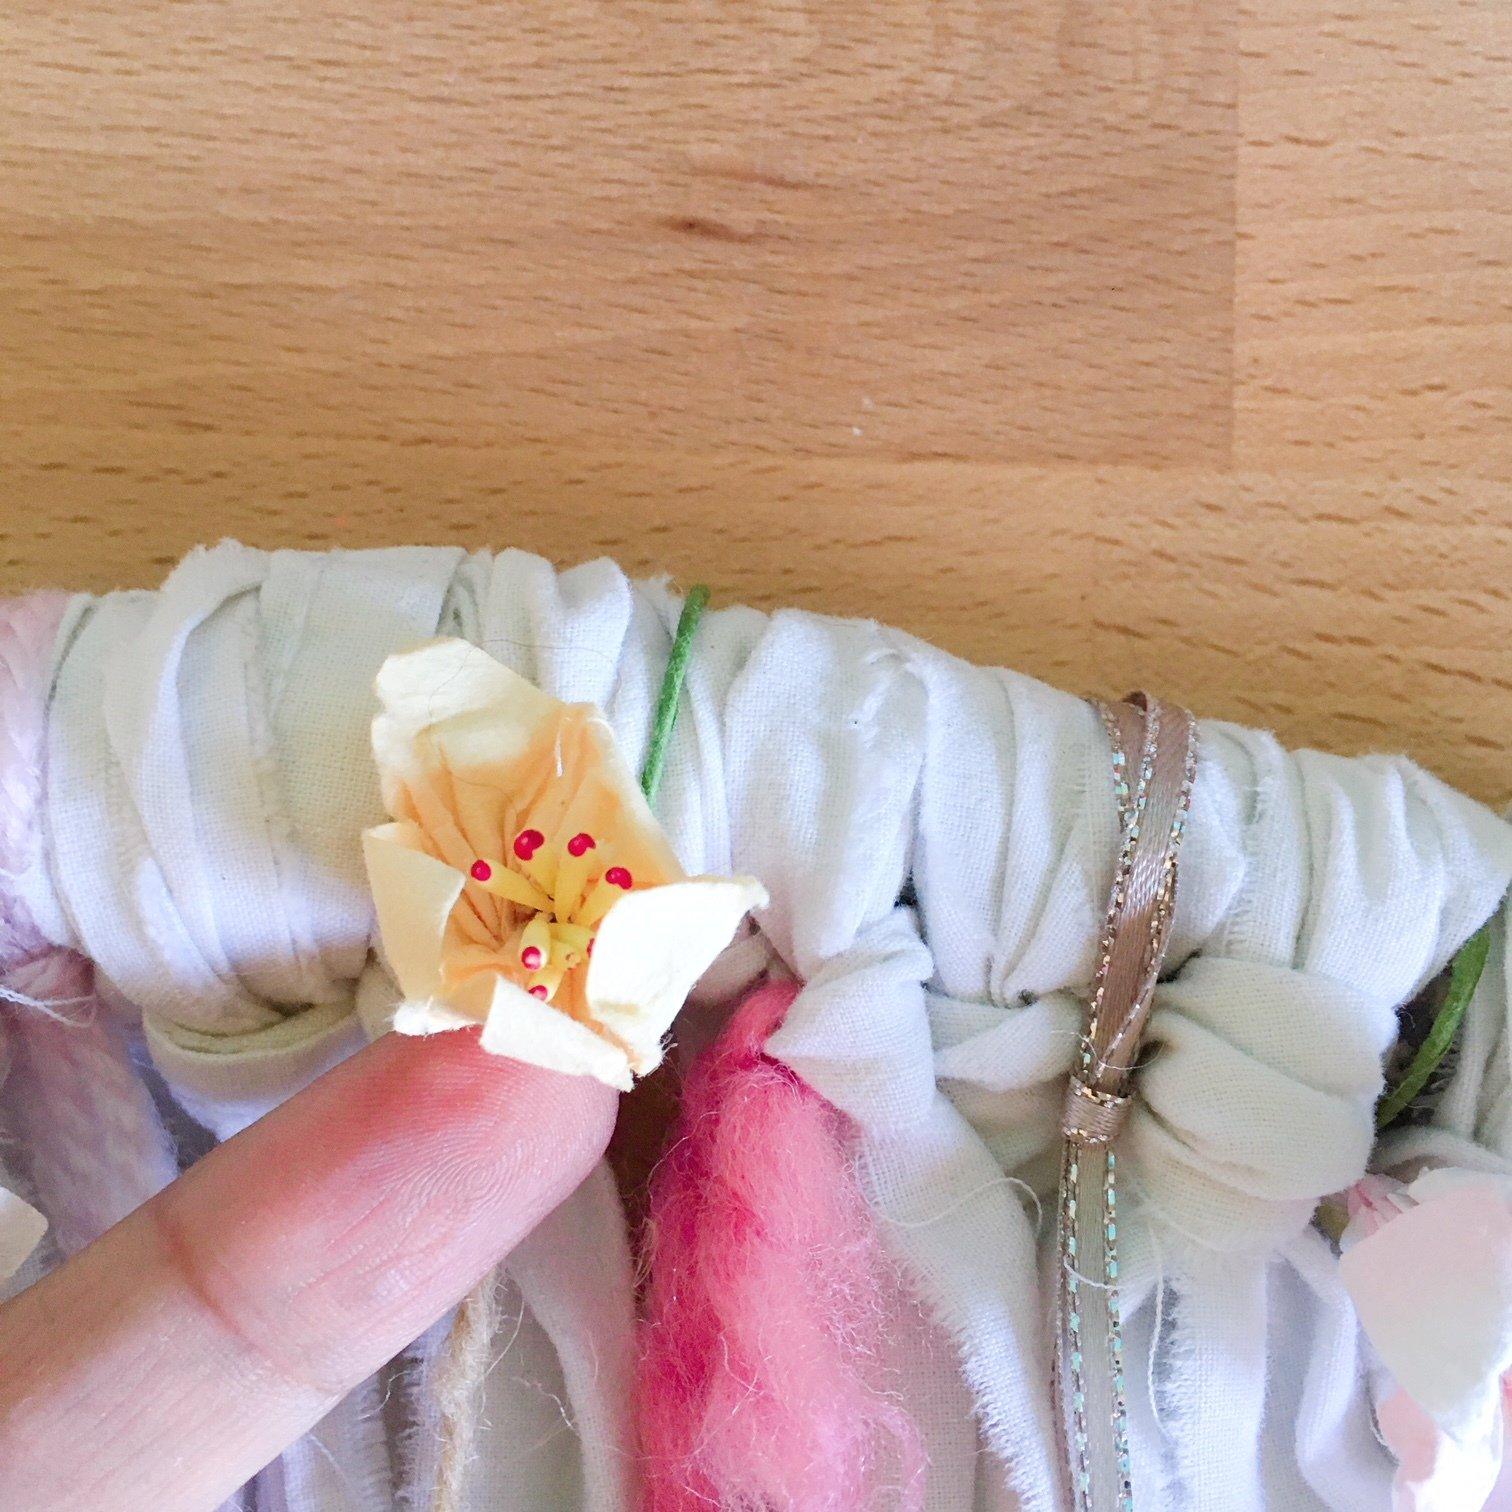 Tenture boho d%c3%a9tails fleurs papier